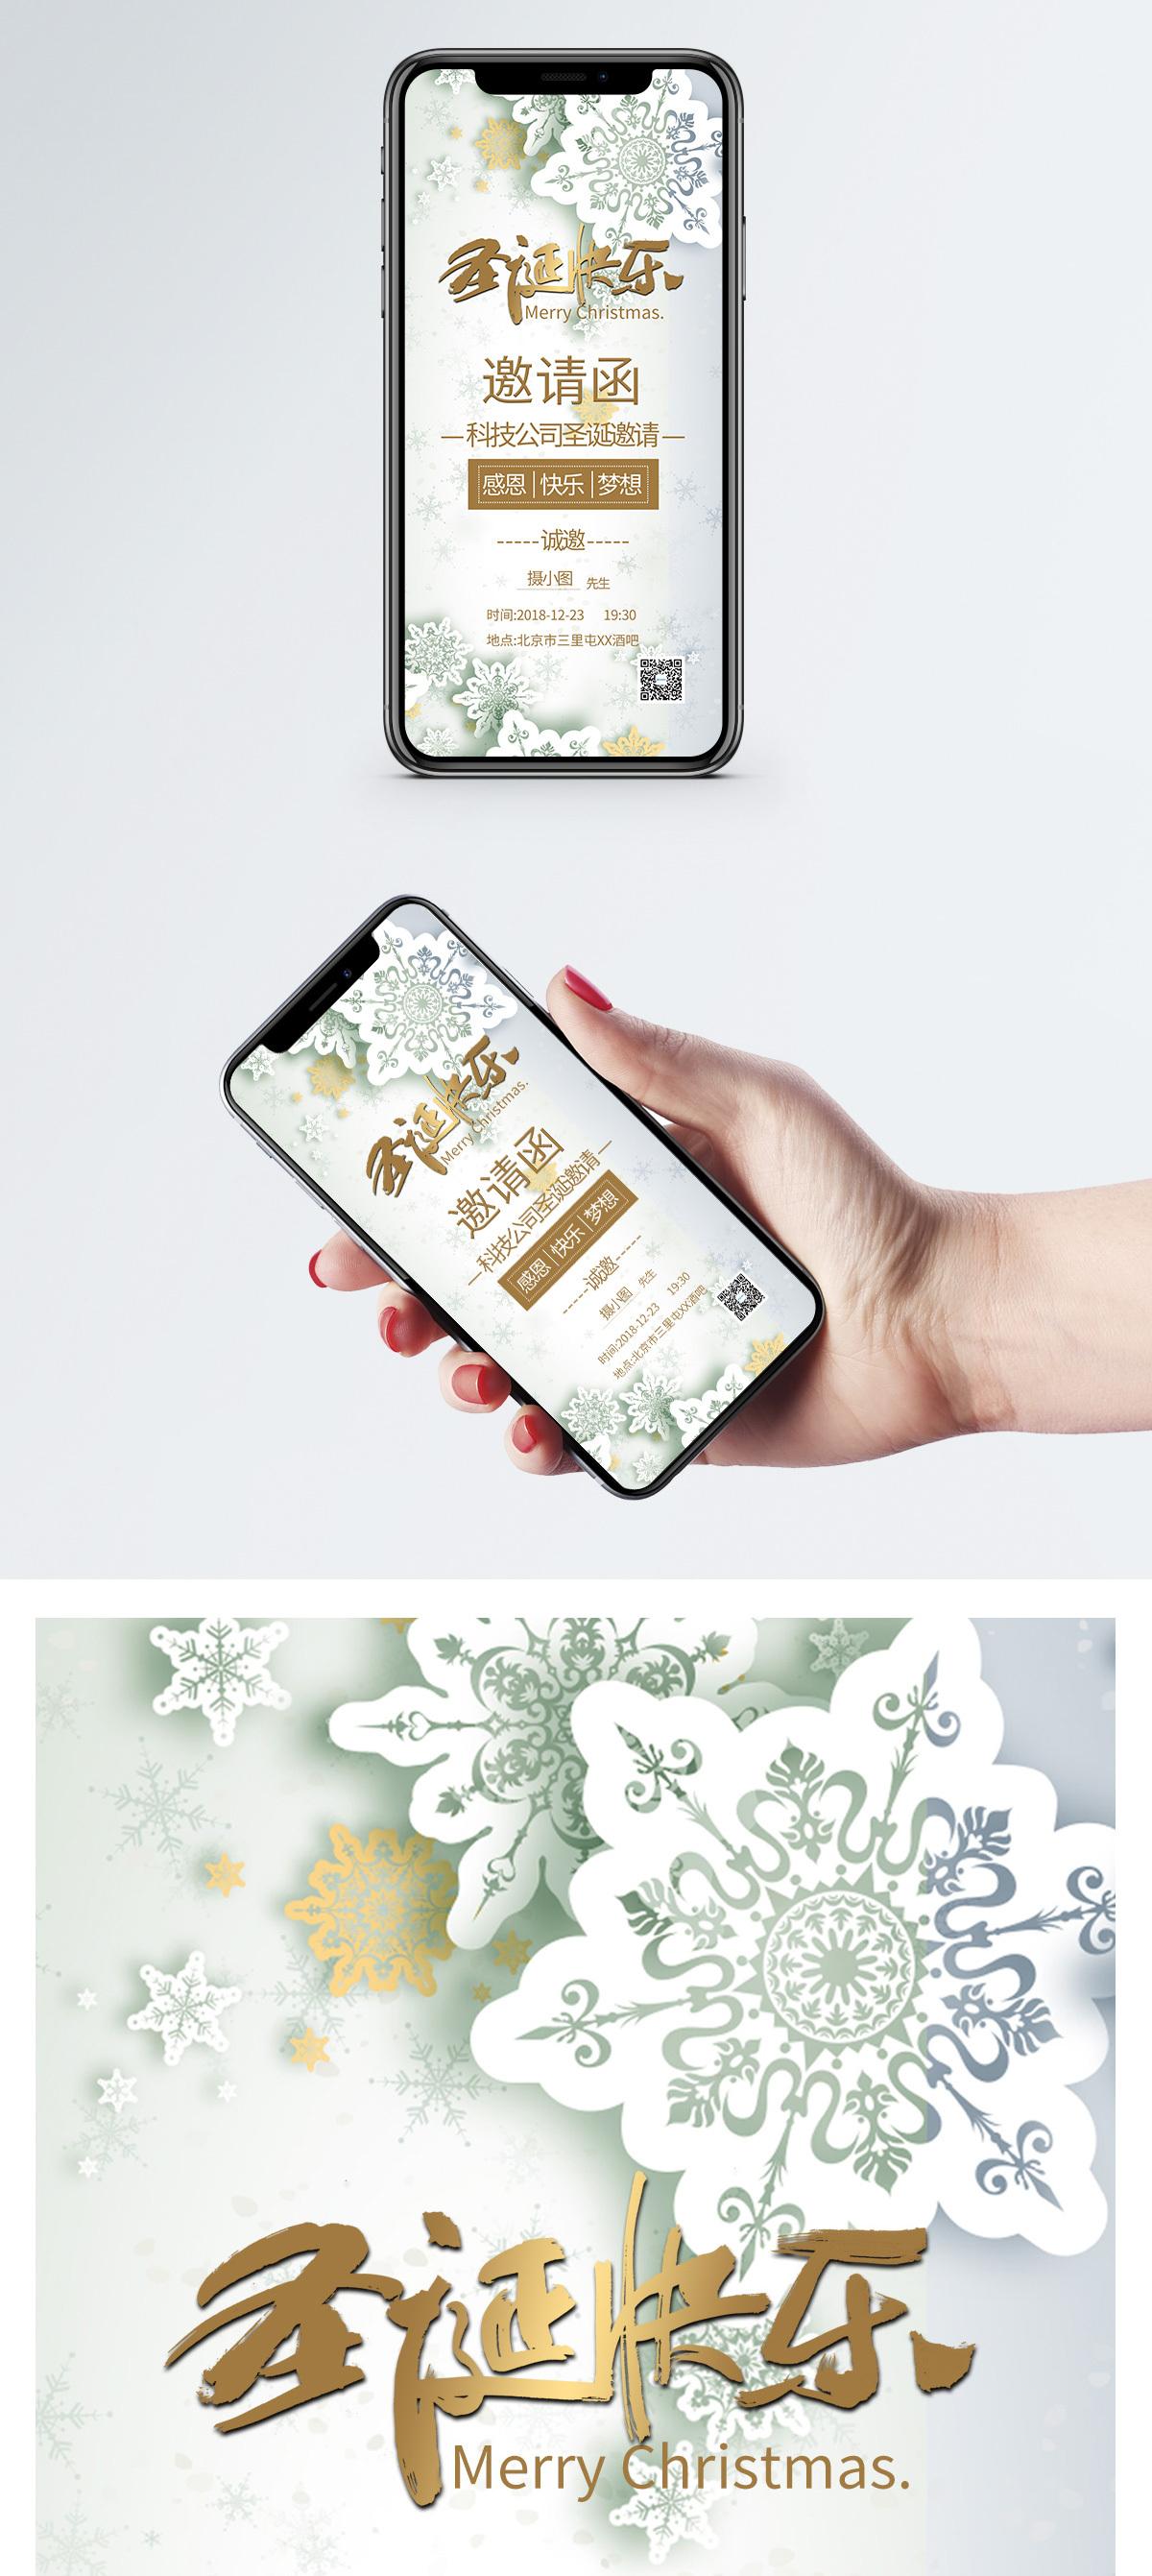 圣诞节晚会邀请函图片